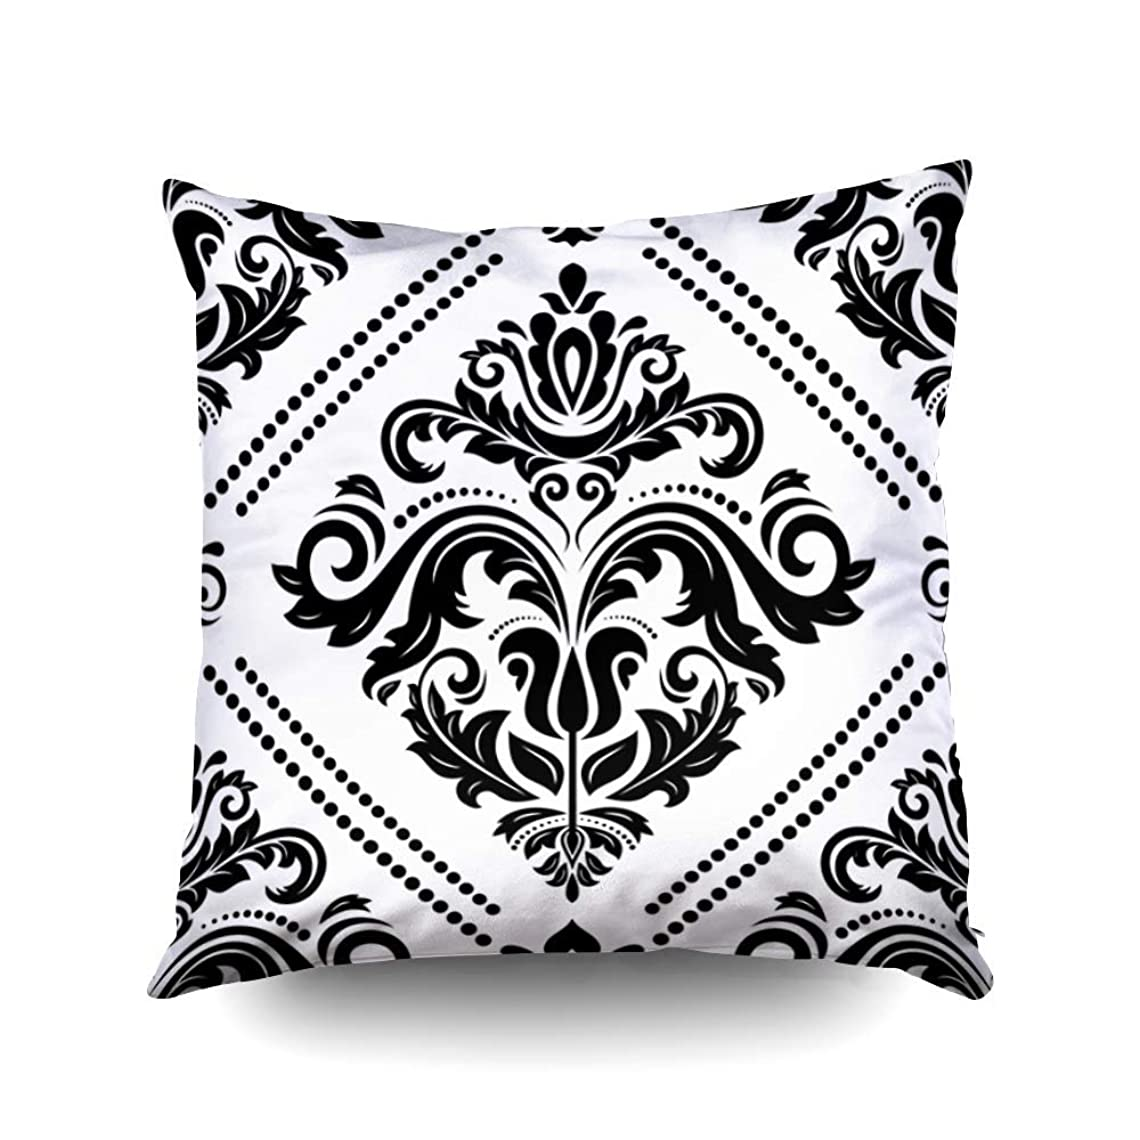 ライオン現在無駄スロースクエアピローケースカバー18×18インチ、ダマスククラシックブラックホワイトパターン両面印刷目に見えないジッパー家の装飾枕カバー